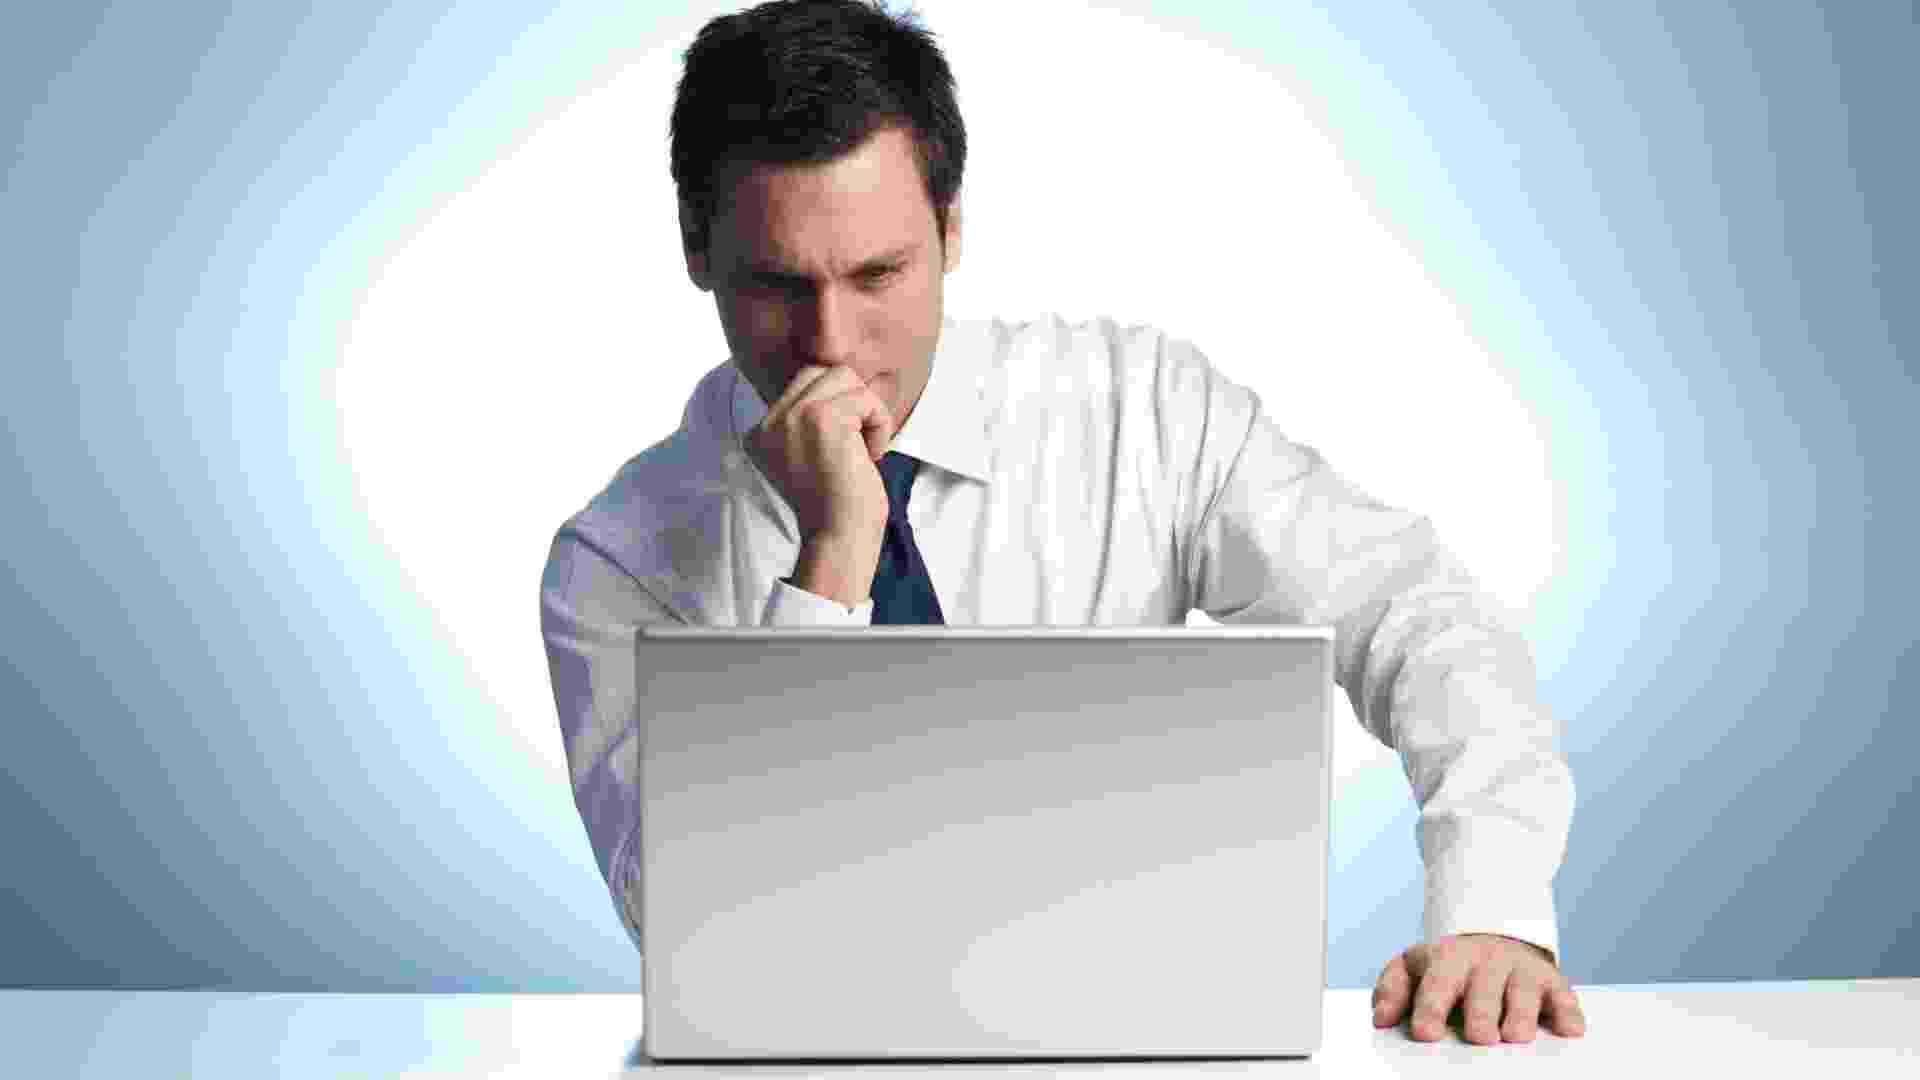 Executivo, homem, empresário, aprendizado, notebook, concentração - Thinkstock